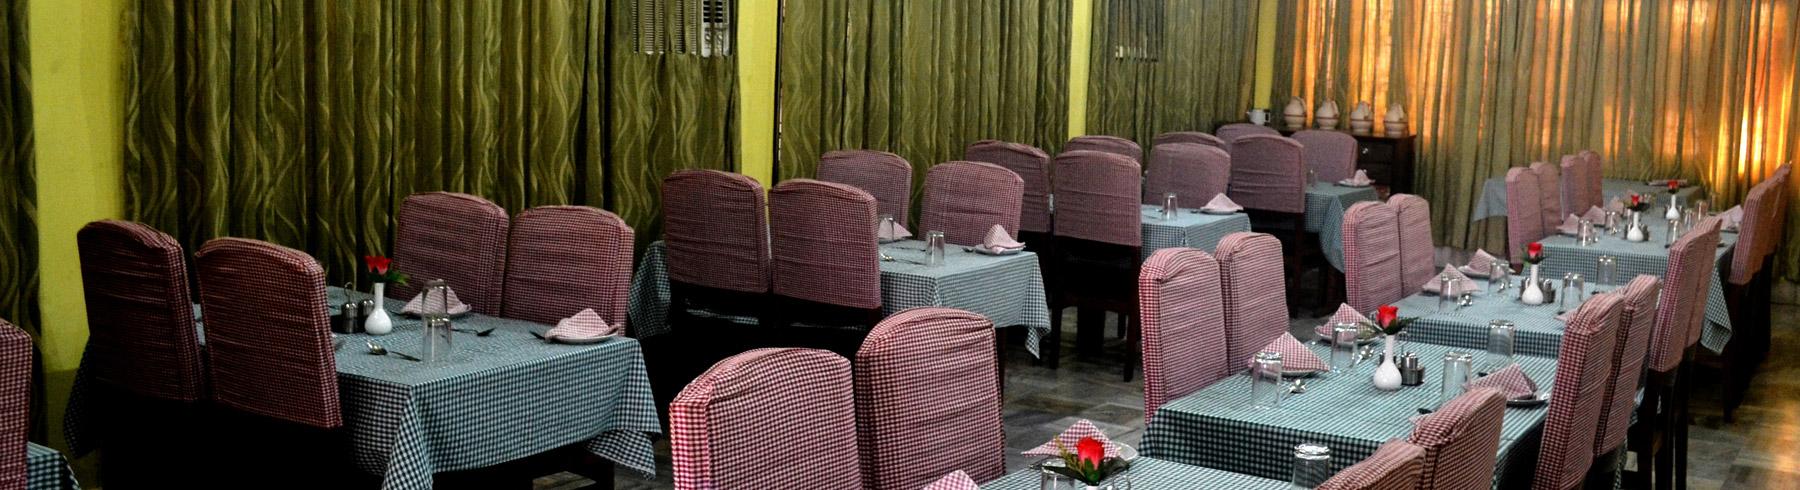 Pramoad Resturant at Neeladri